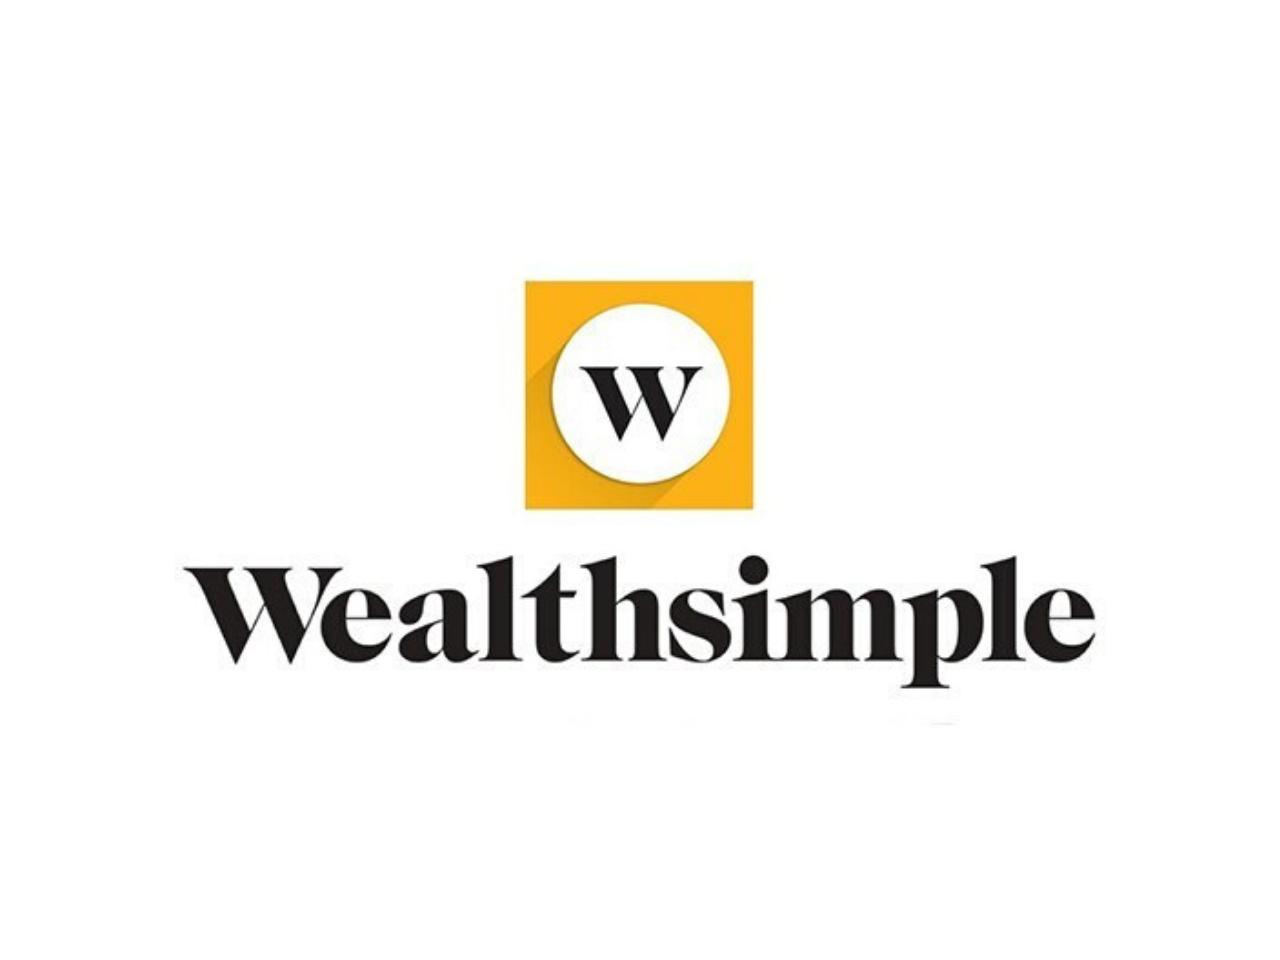 Wealthsimple Cash Review